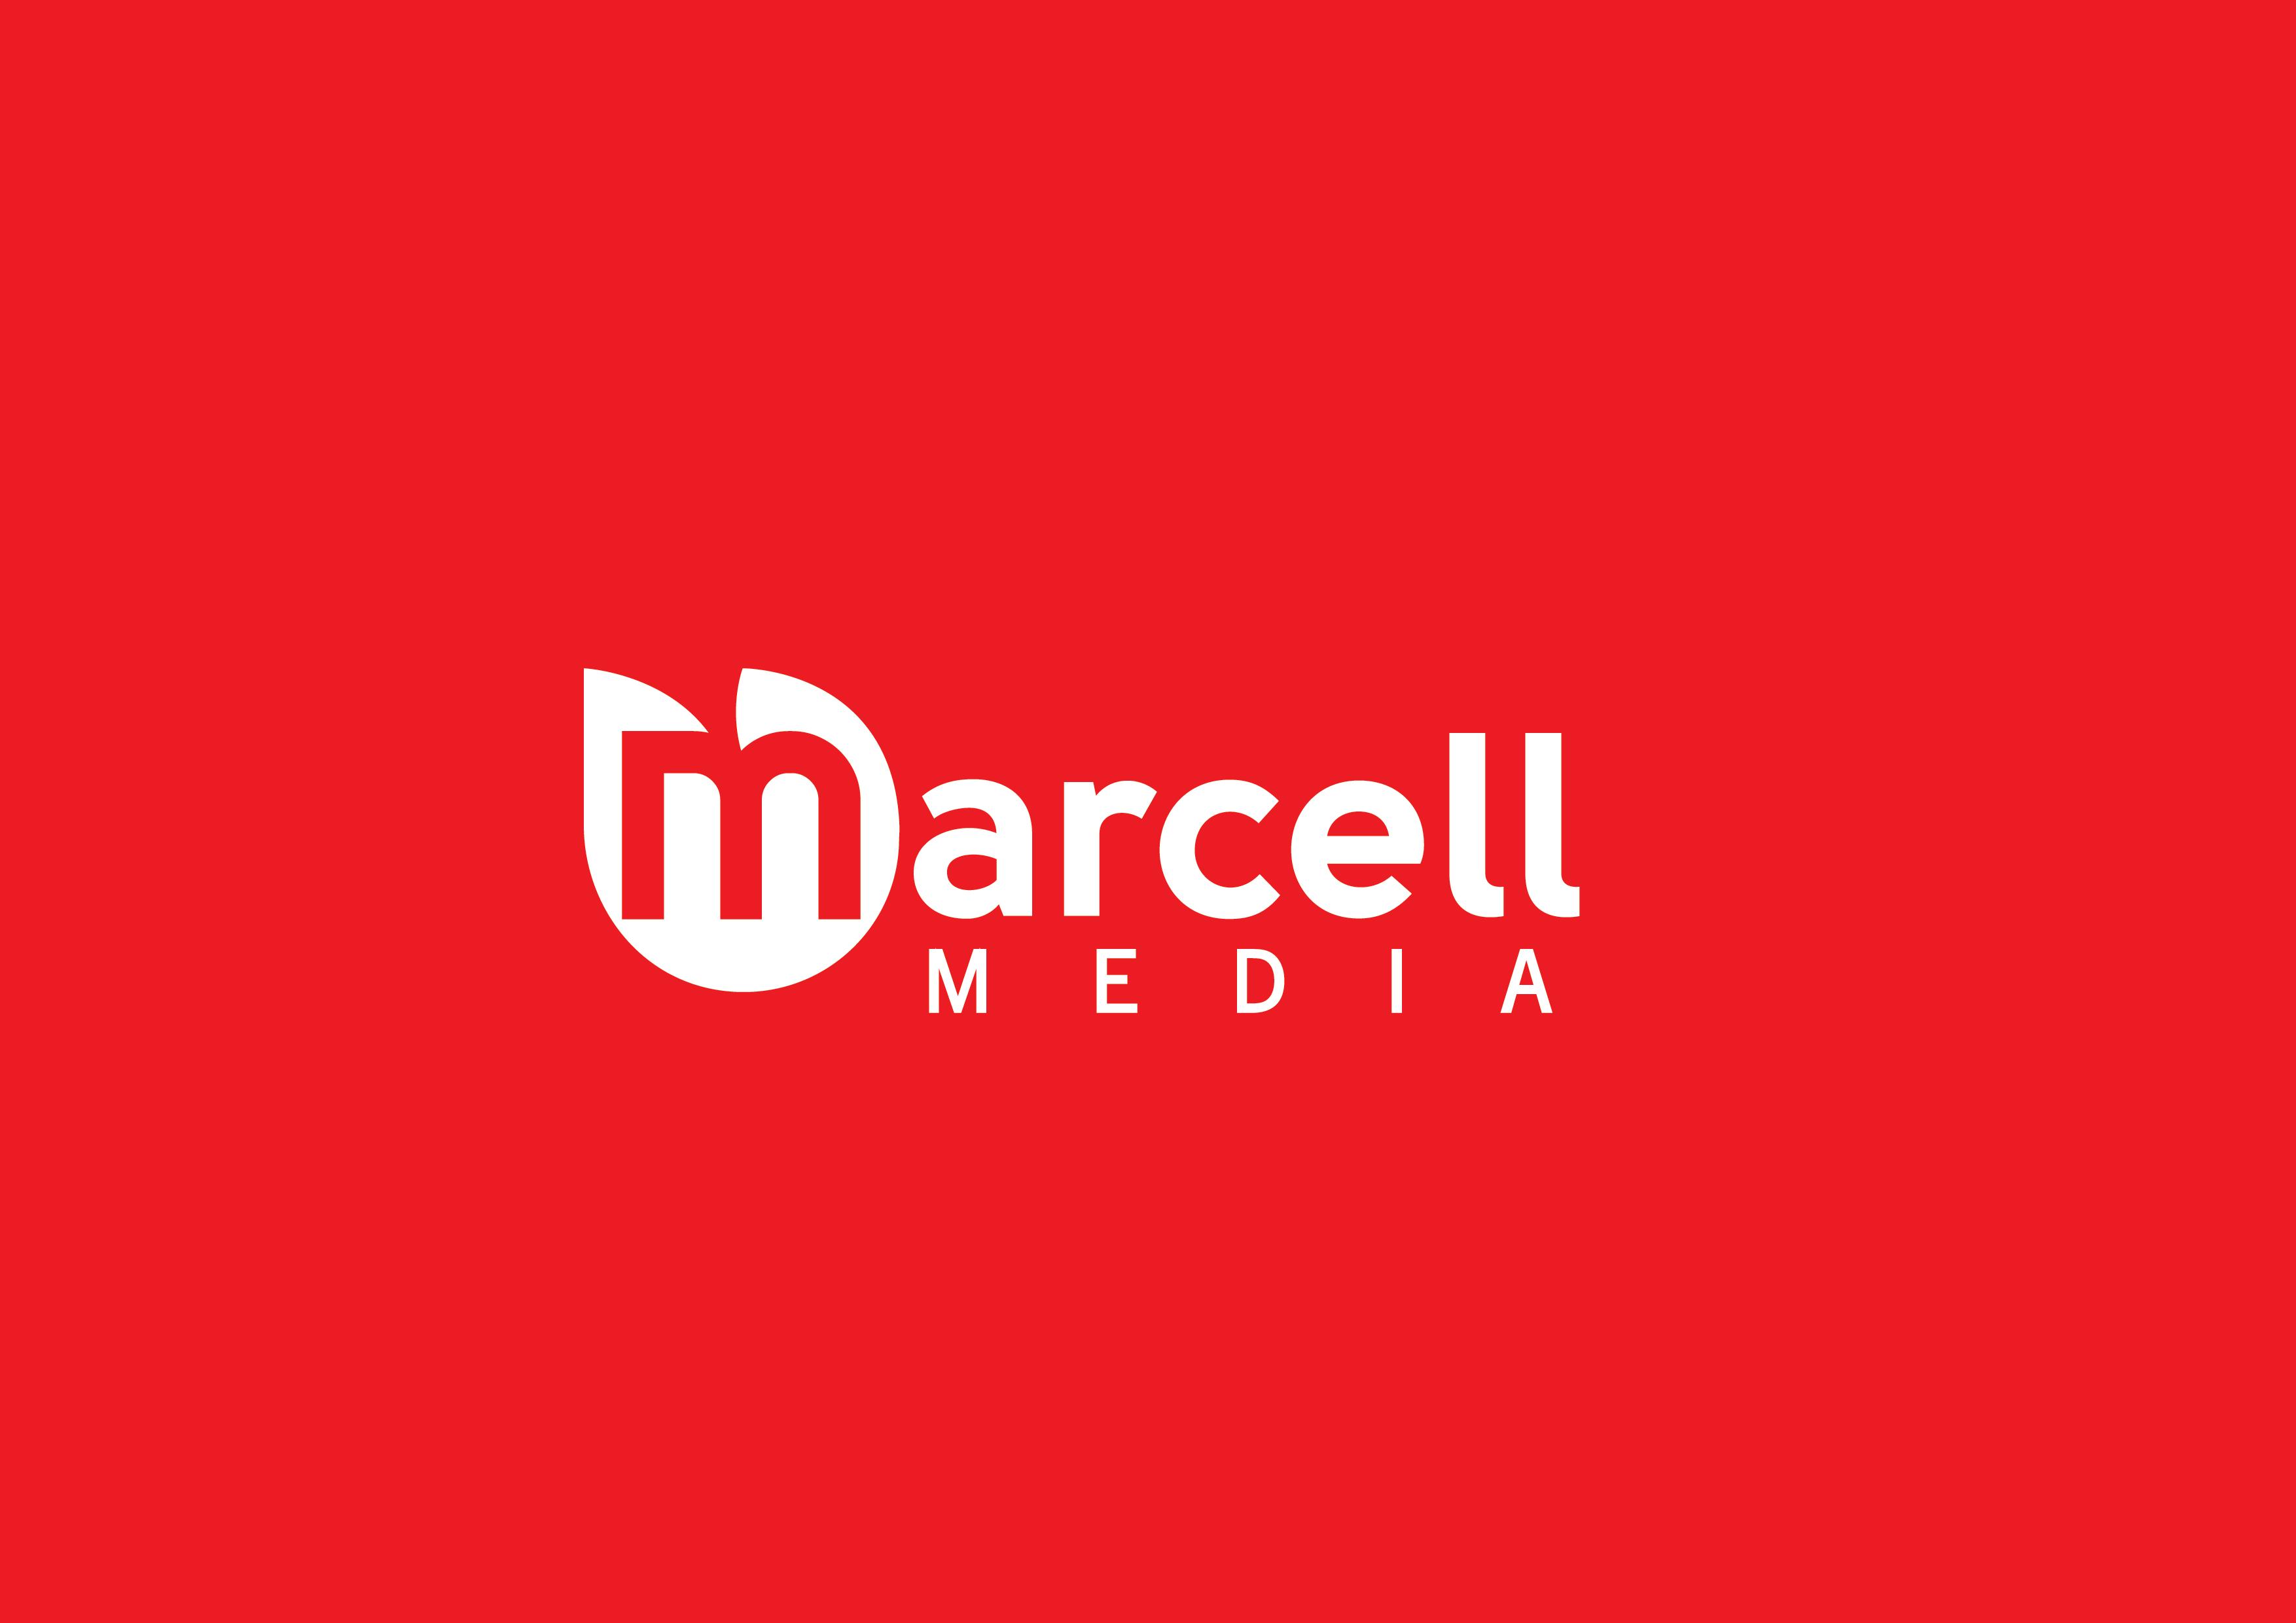 Marcell Media